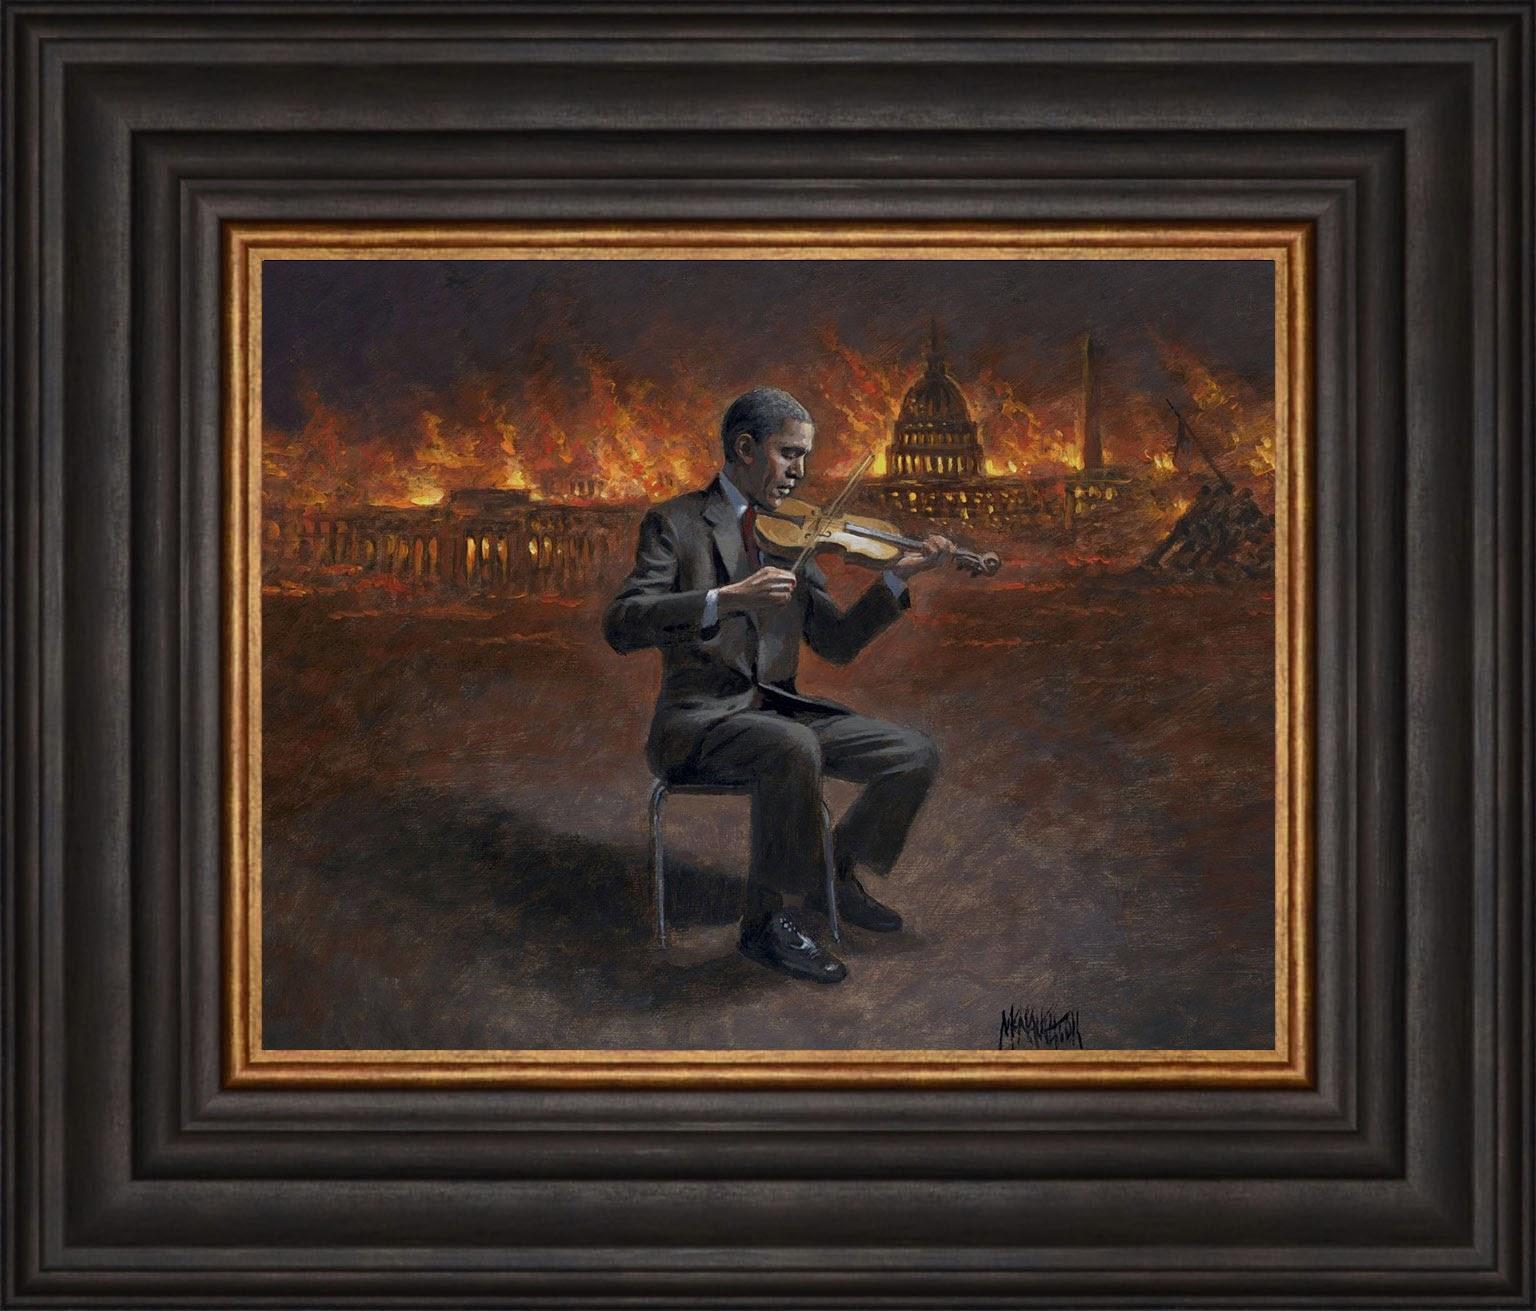 http://www.jonmcnaughton.com/demise-of-america-facebook-special-p13/